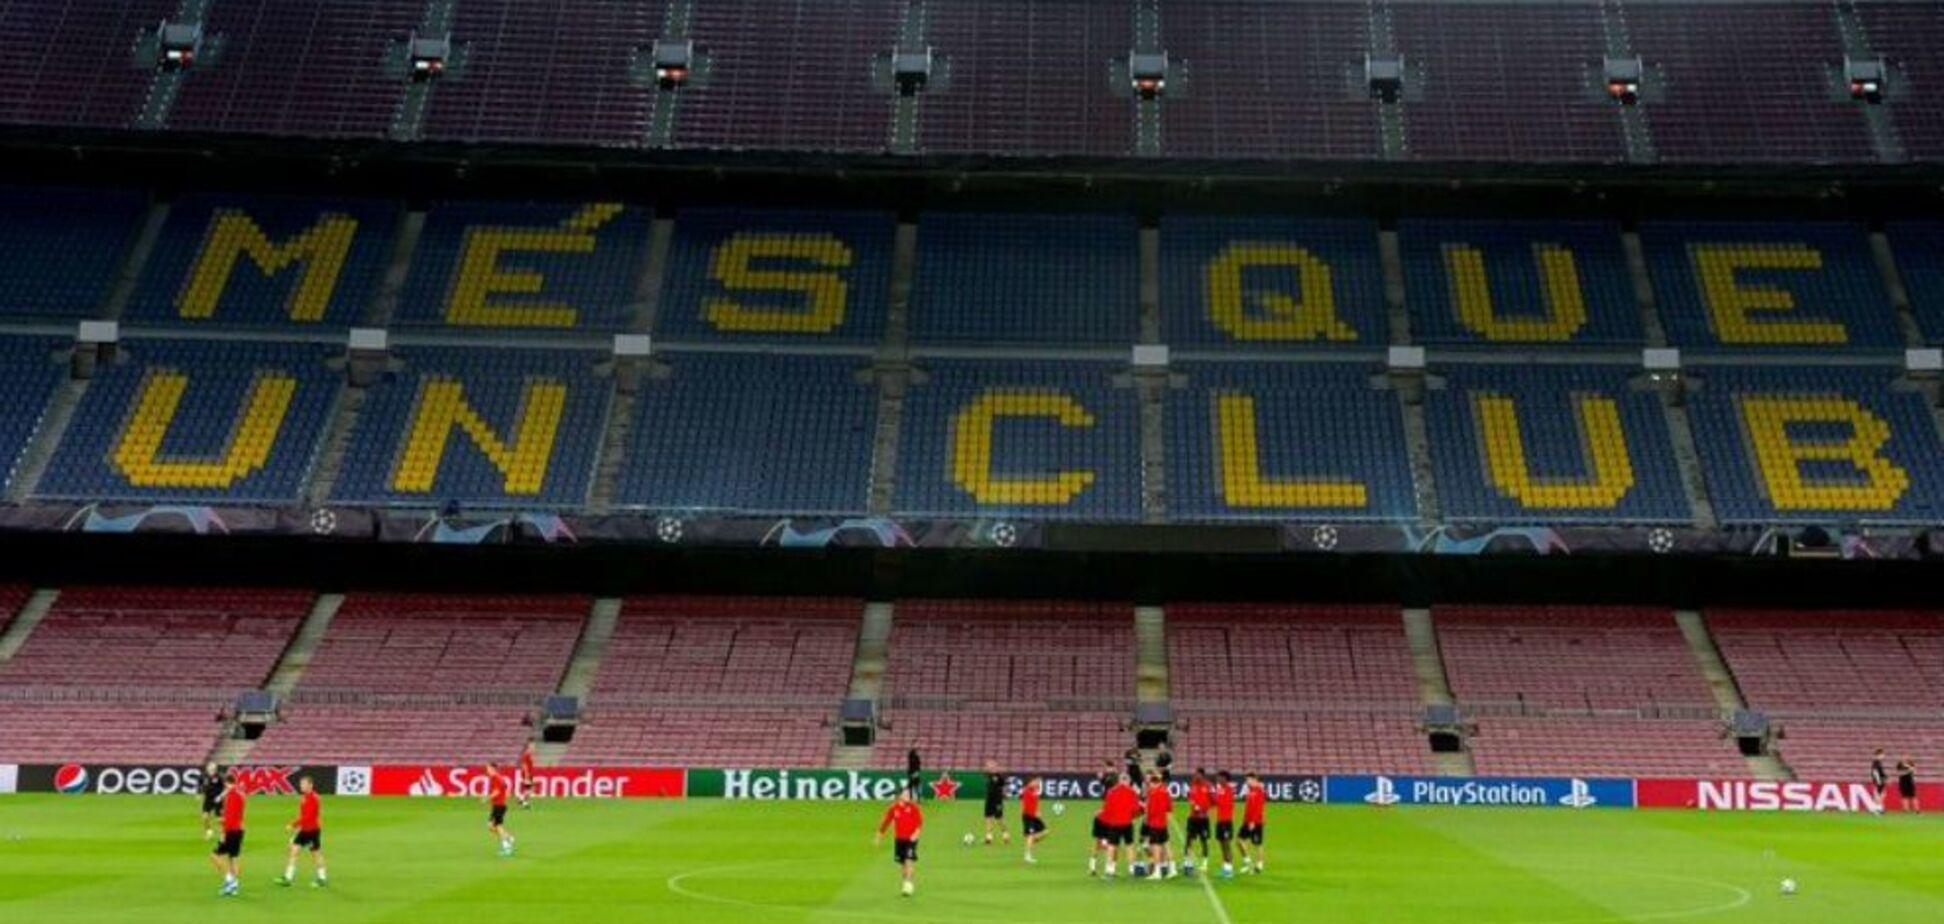 'Никогда не видел': тренера застали 'почти голым' перед матчем с 'Барселоной' в ЛЧ